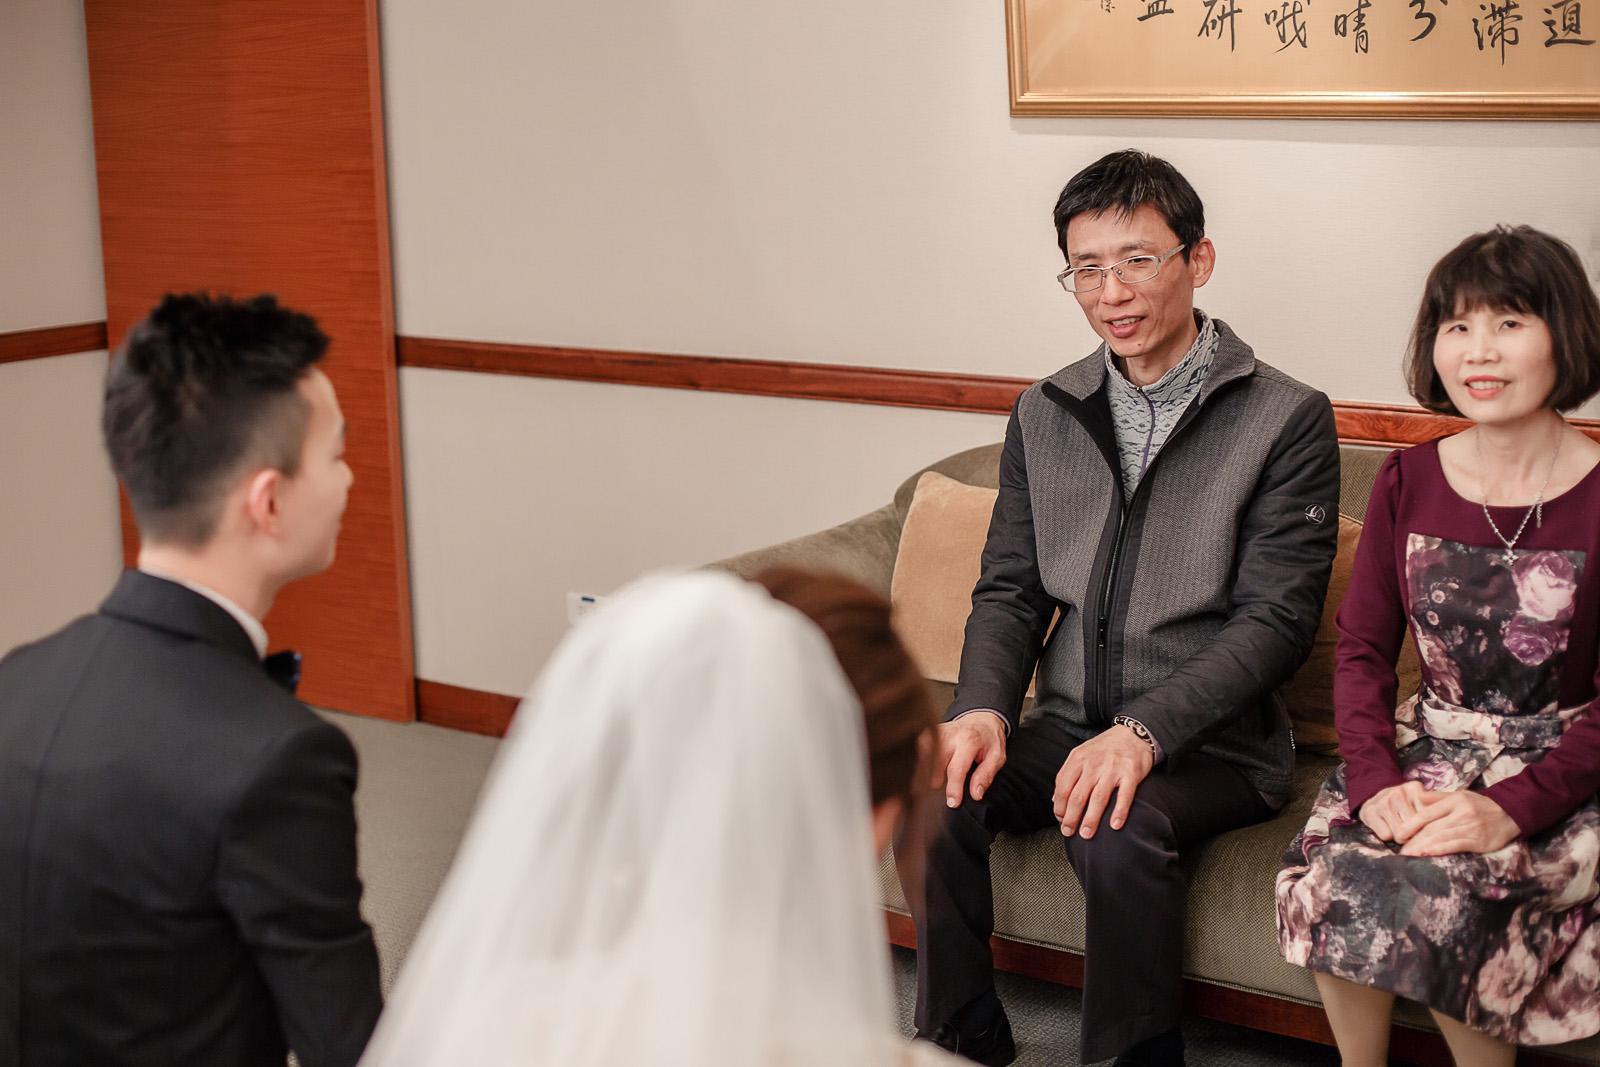 高雄圓山飯店,婚禮攝影,婚攝,高雄婚攝,優質婚攝推薦,Jen&Ethan-143